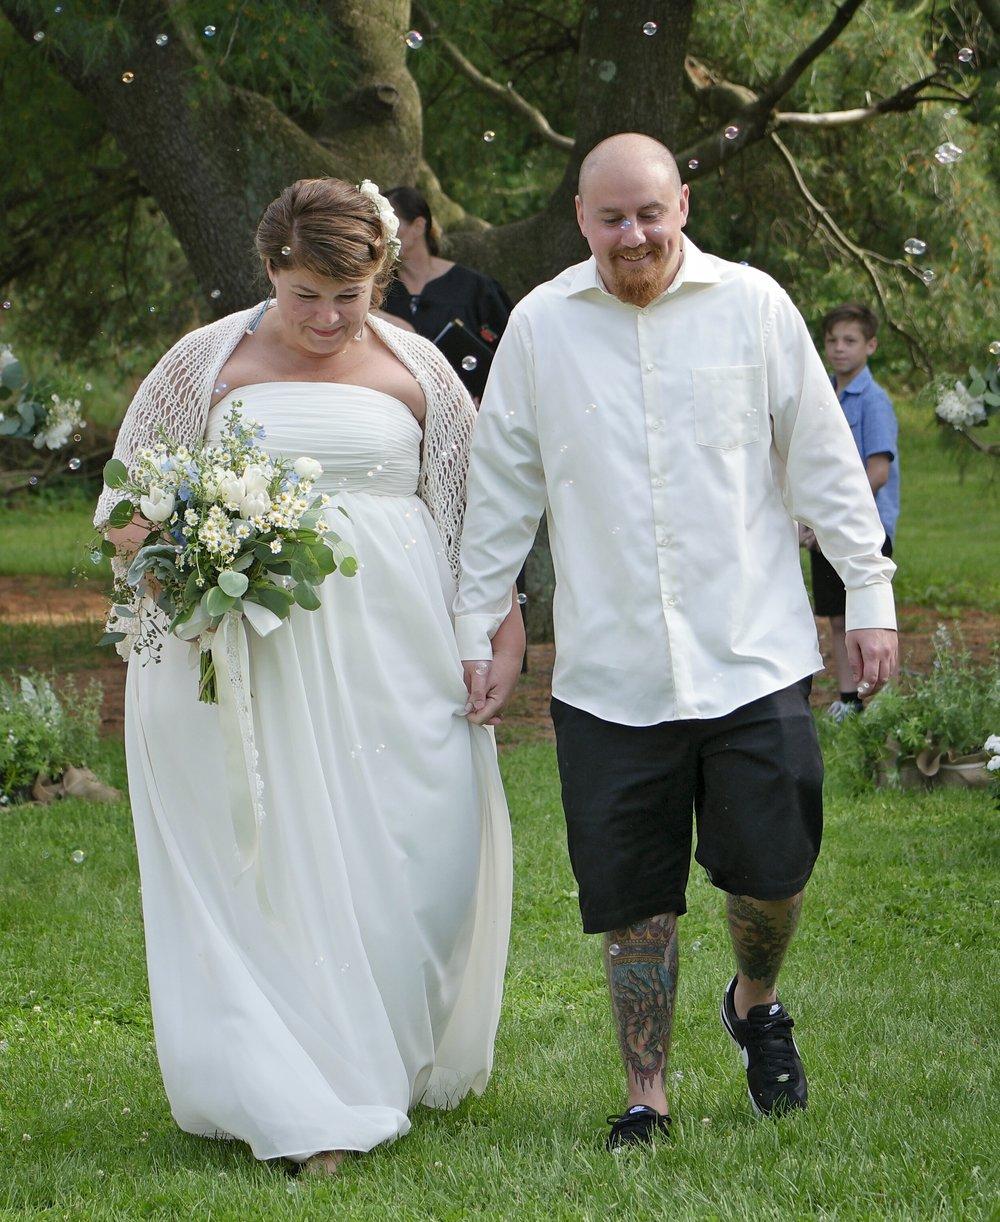 Wedding - Just Married 1256.jpg